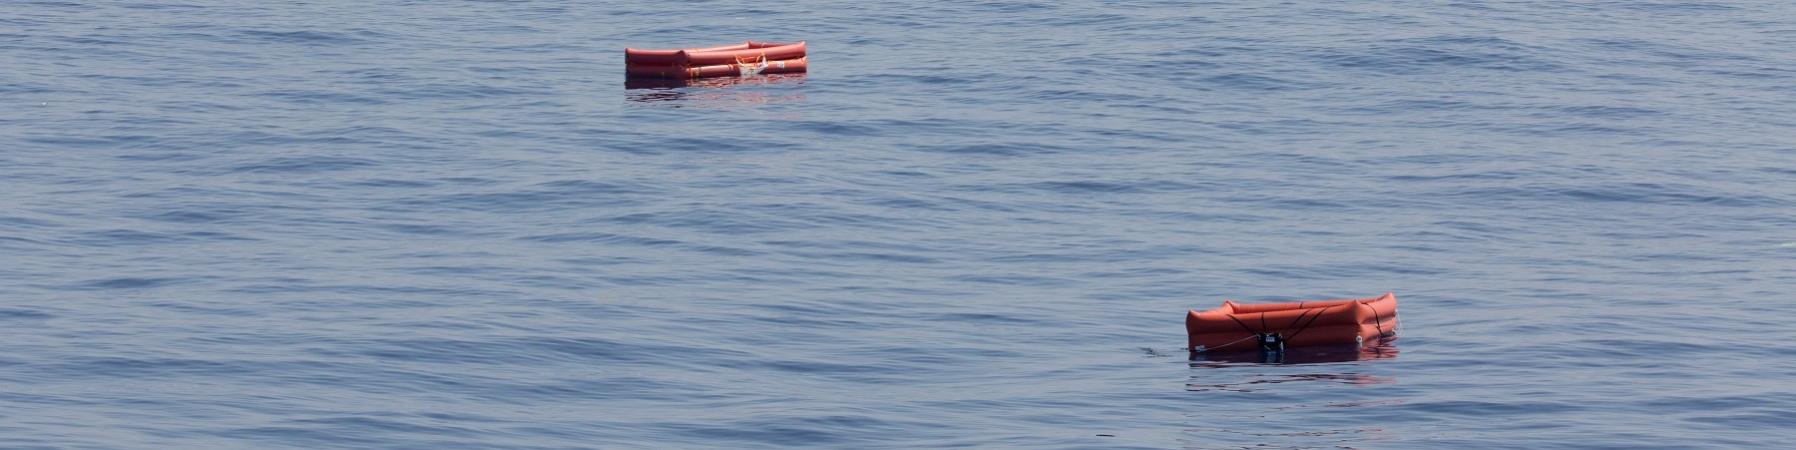 salvagenti che galleggiano sull'acqua del mare